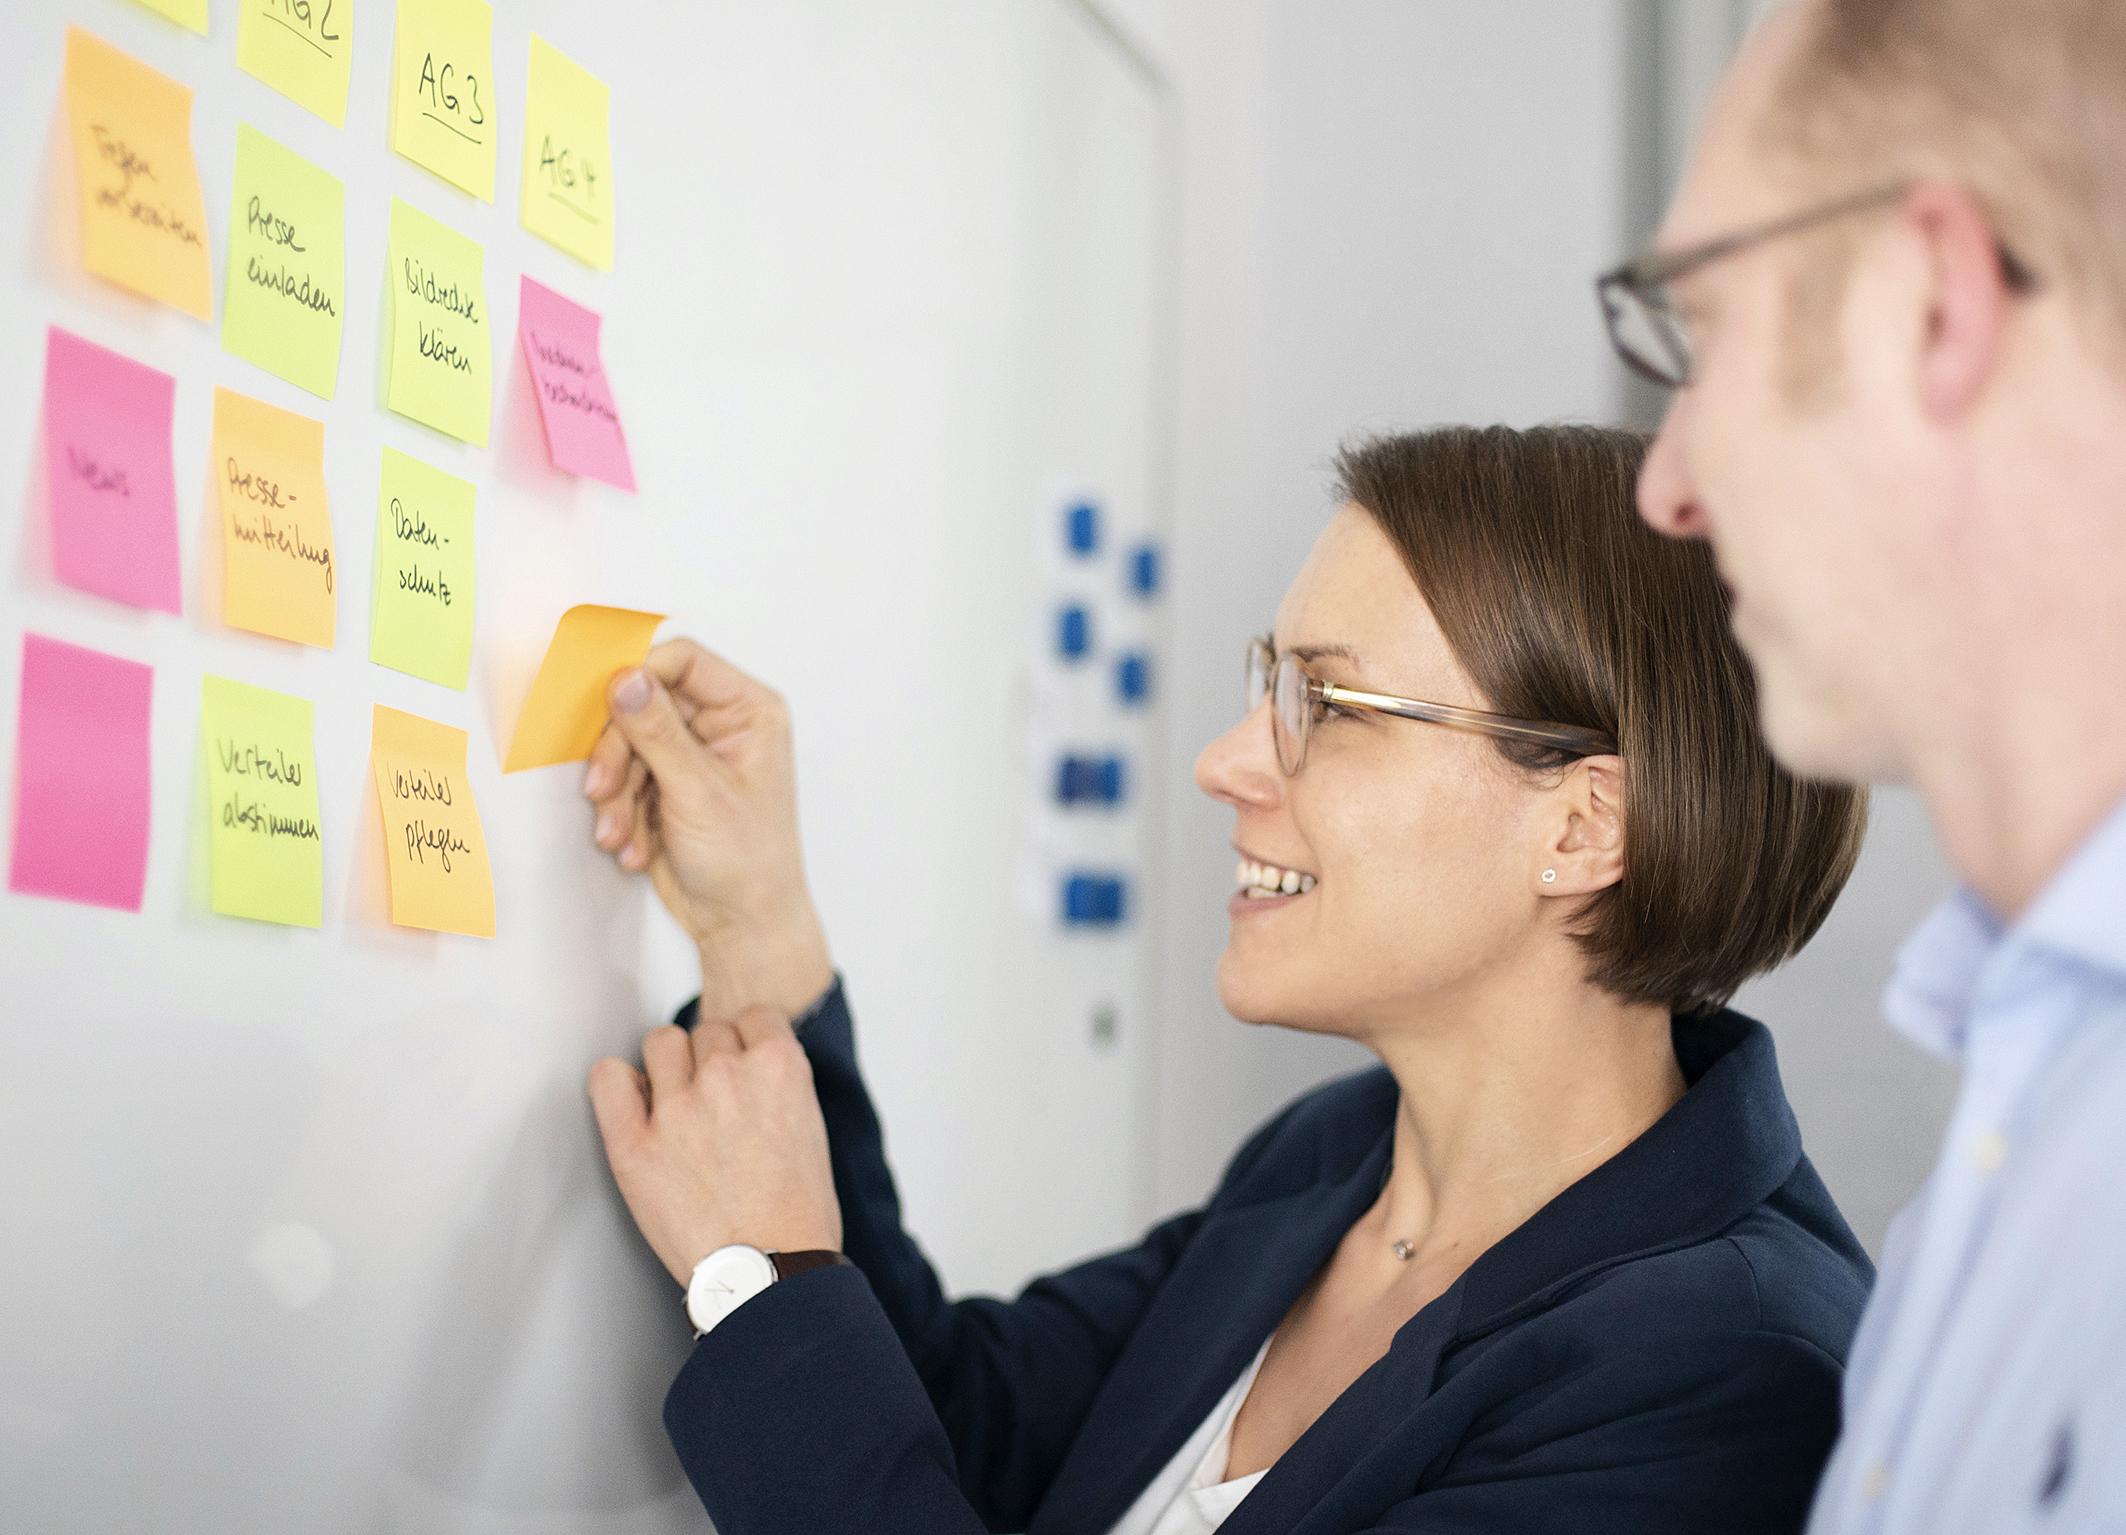 Eine Frau und ein Mann an einem Whiteboard| Bild: kompetenzz